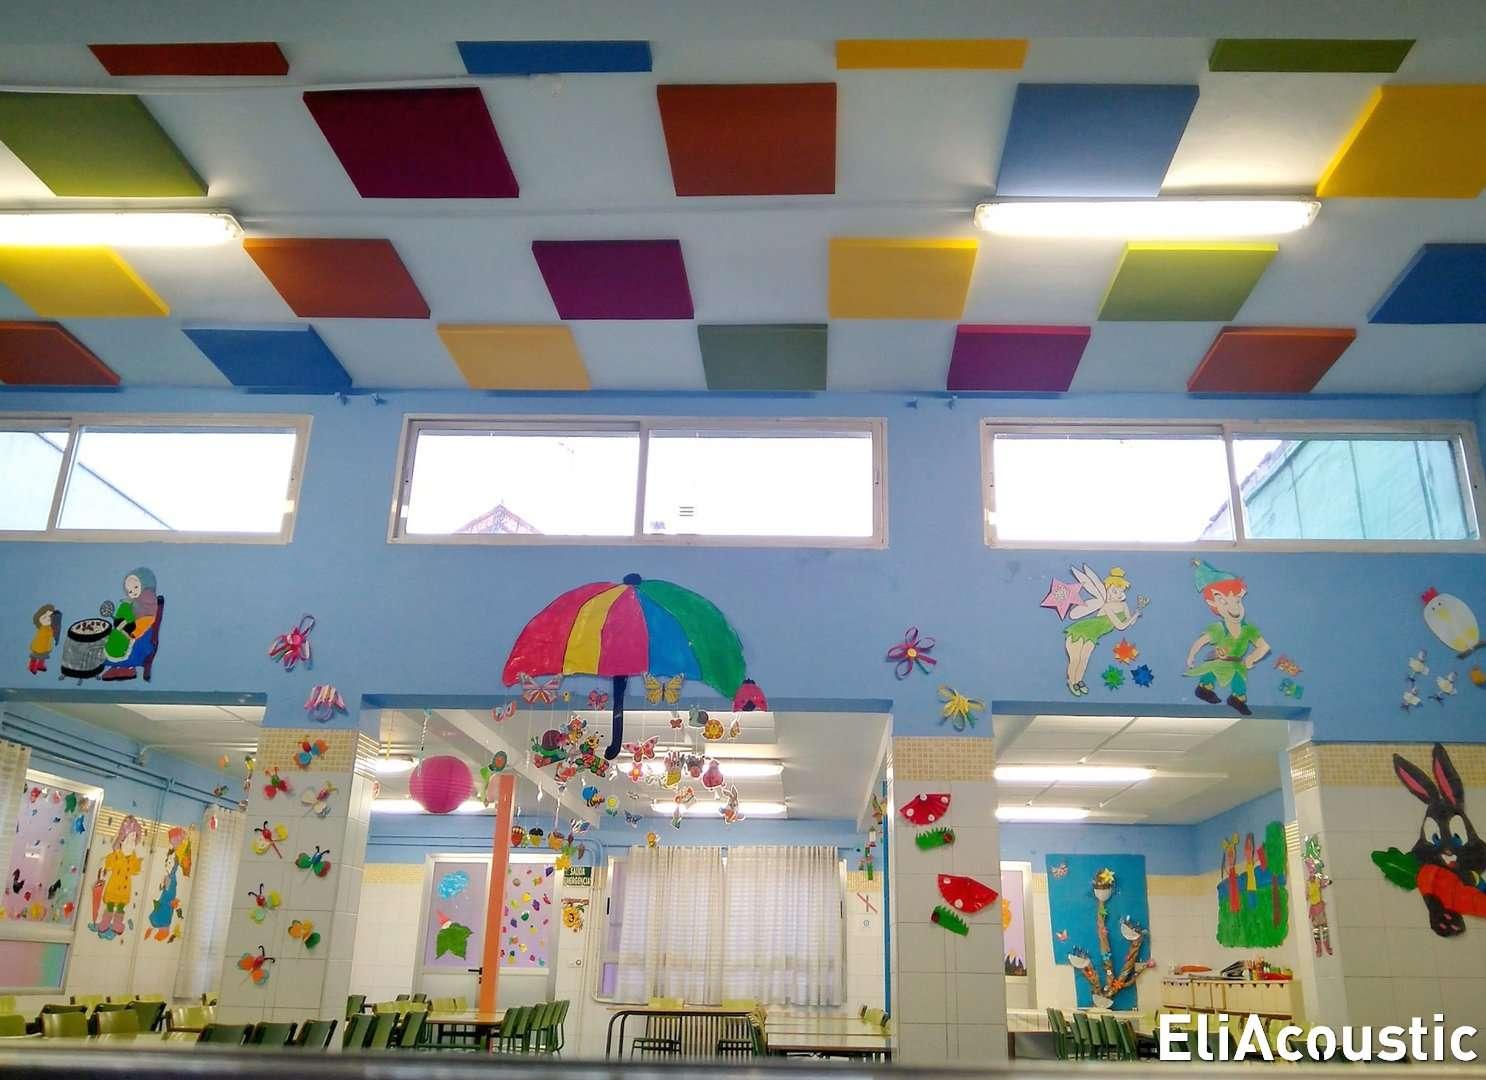 Paneles acústicos en comedor escolar con diferentes alturas de techo